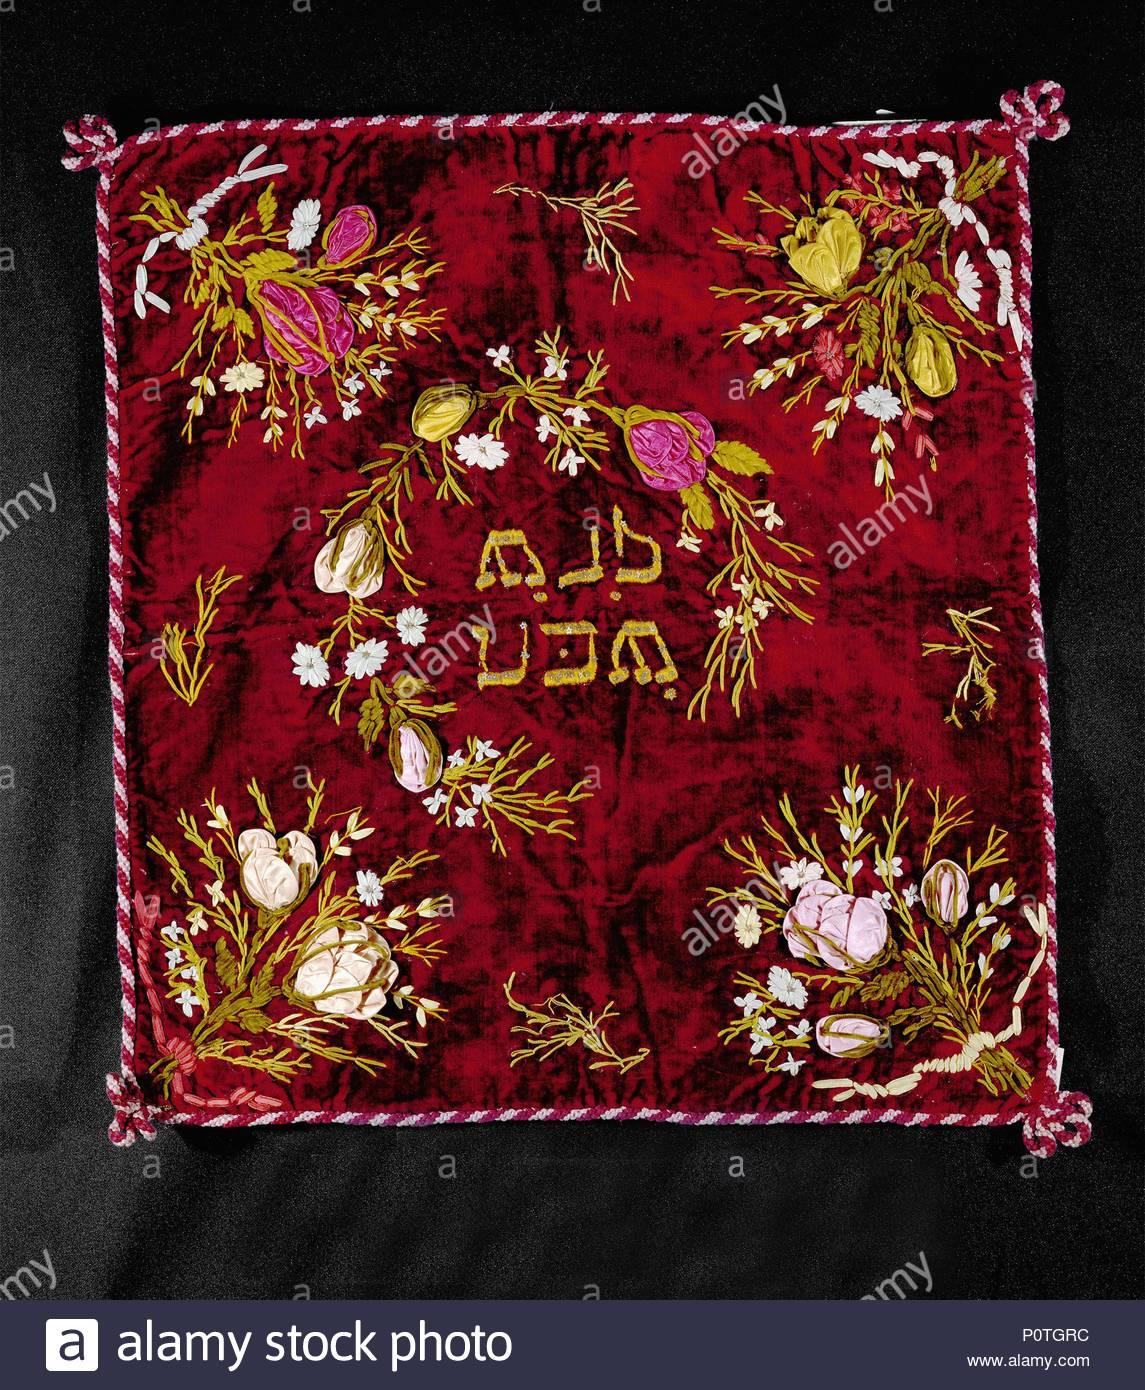 La Challah, couverture pour couvrir le pain tressé juif traditionnel  pendant le sabbat le dîner, le repas de fête après le service à la  synagogue.